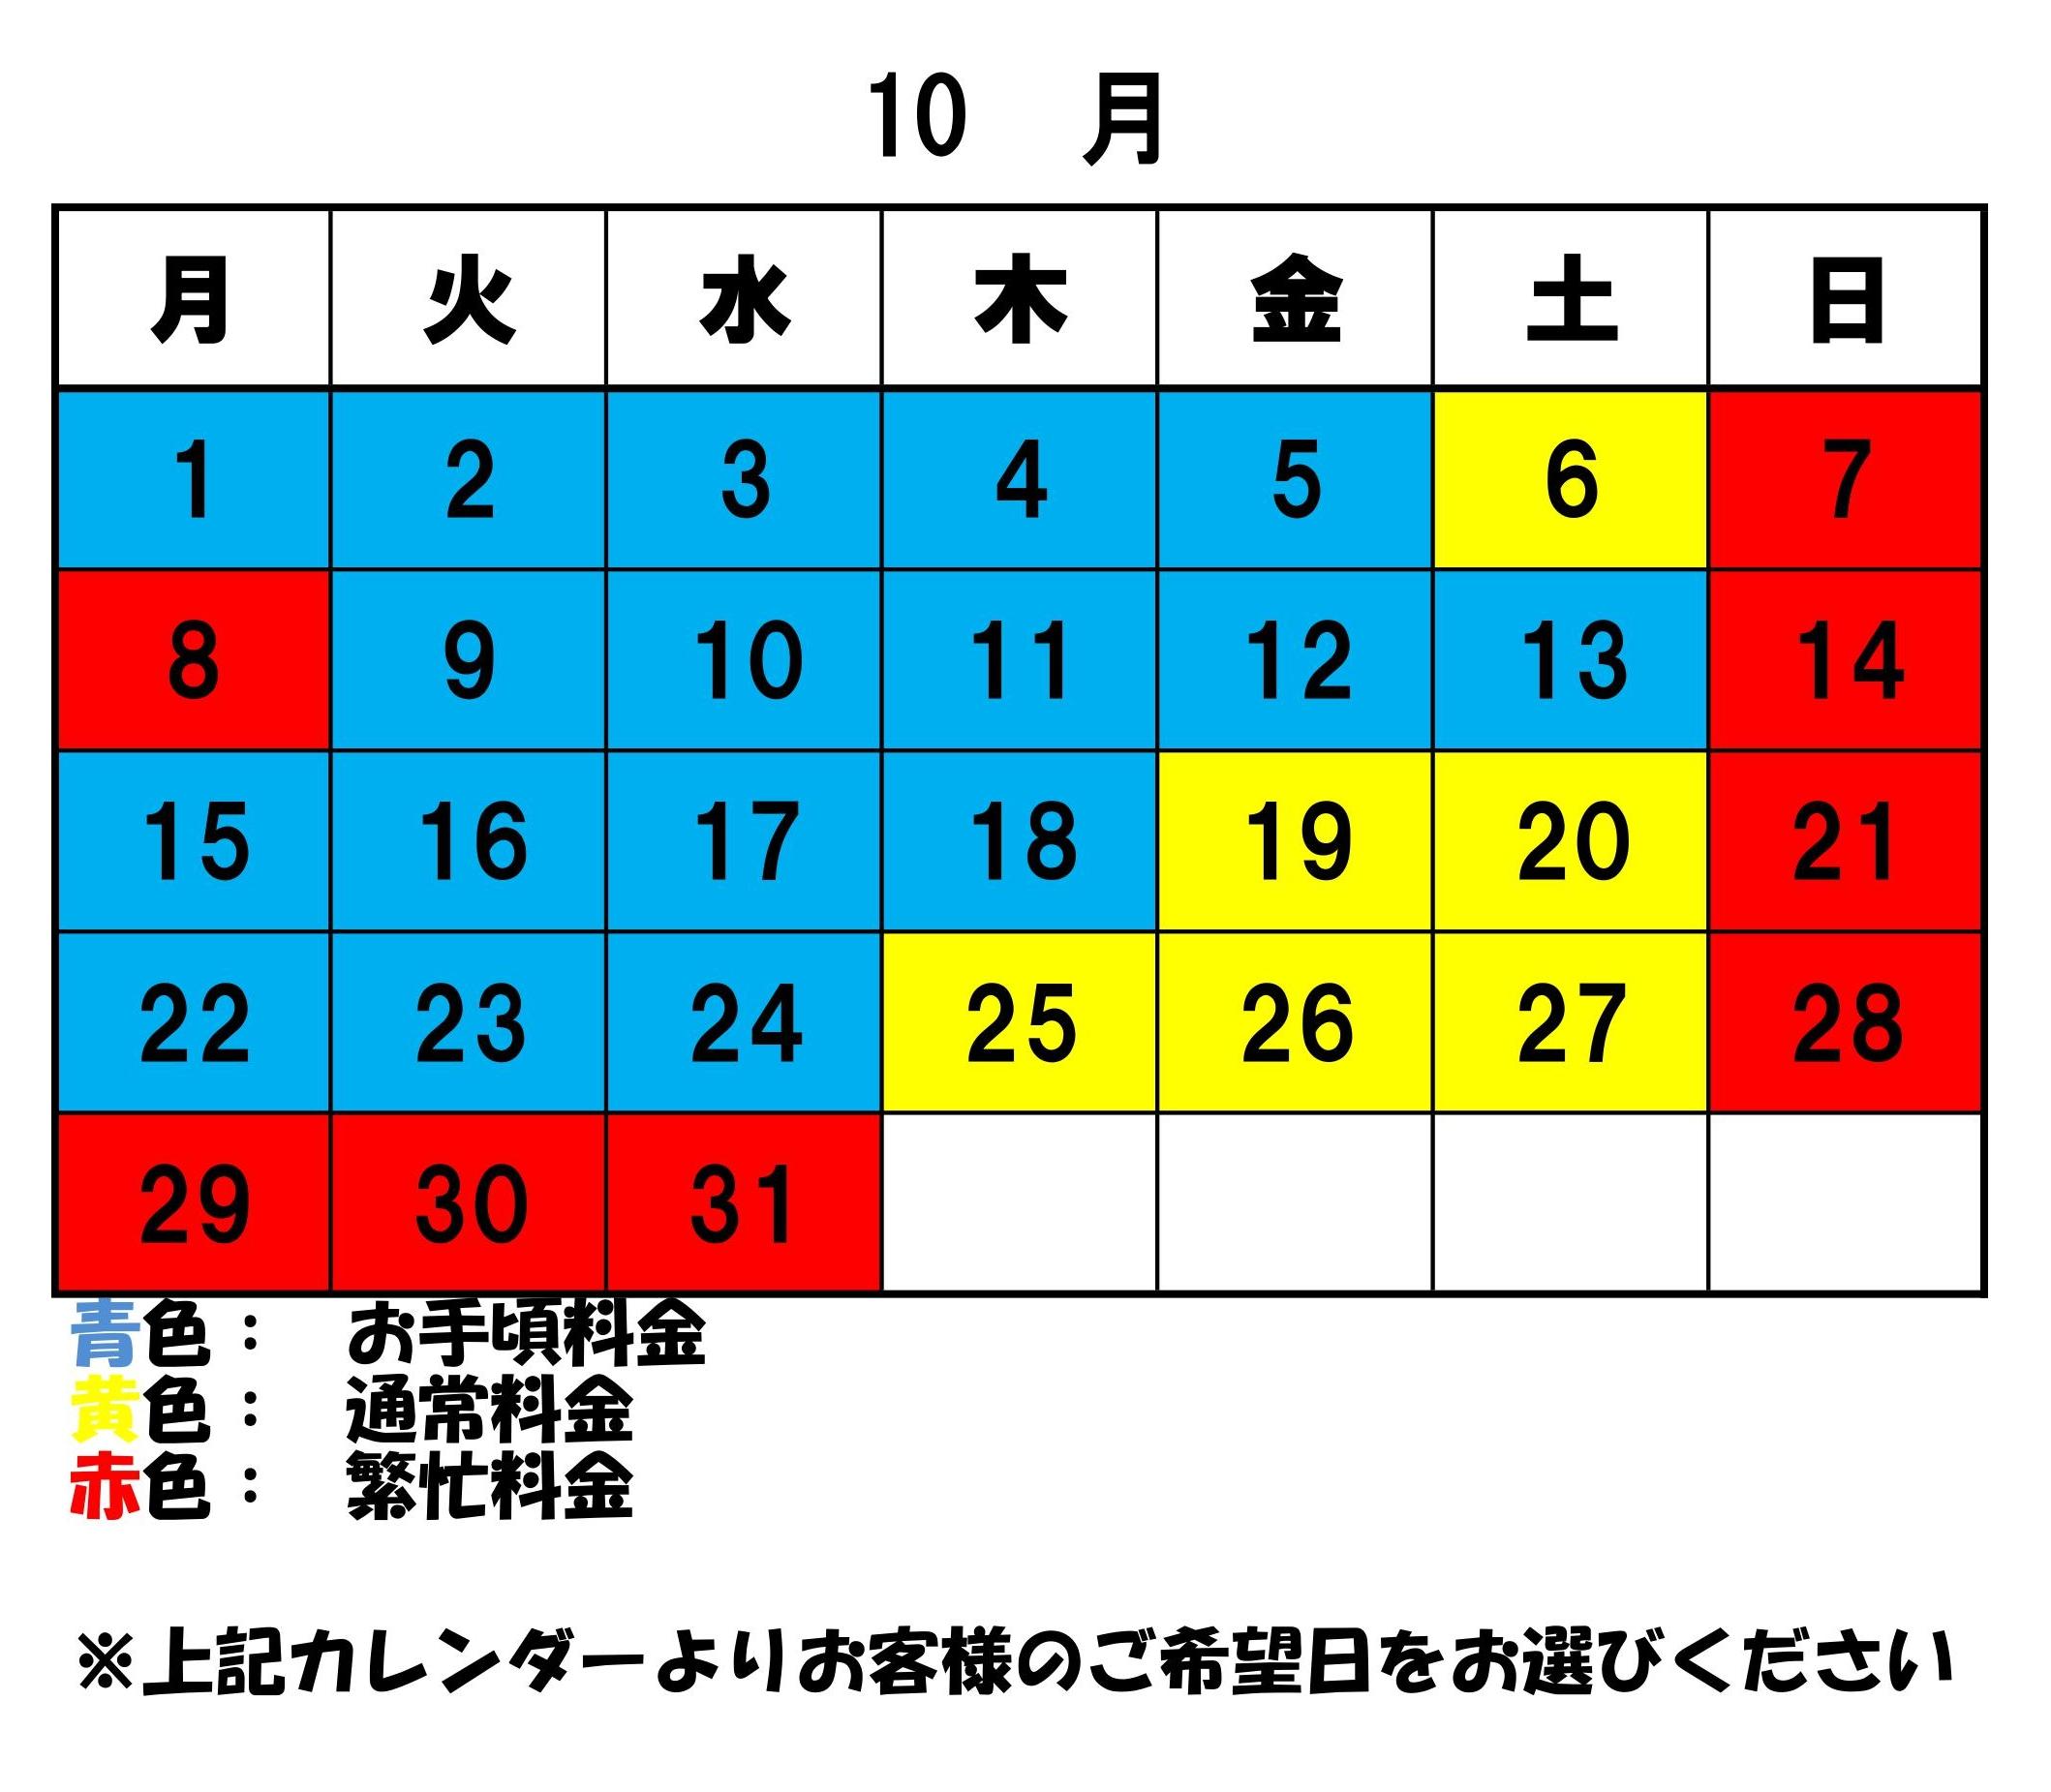 https://www.ikedapiano.co.jp/0001.jpg